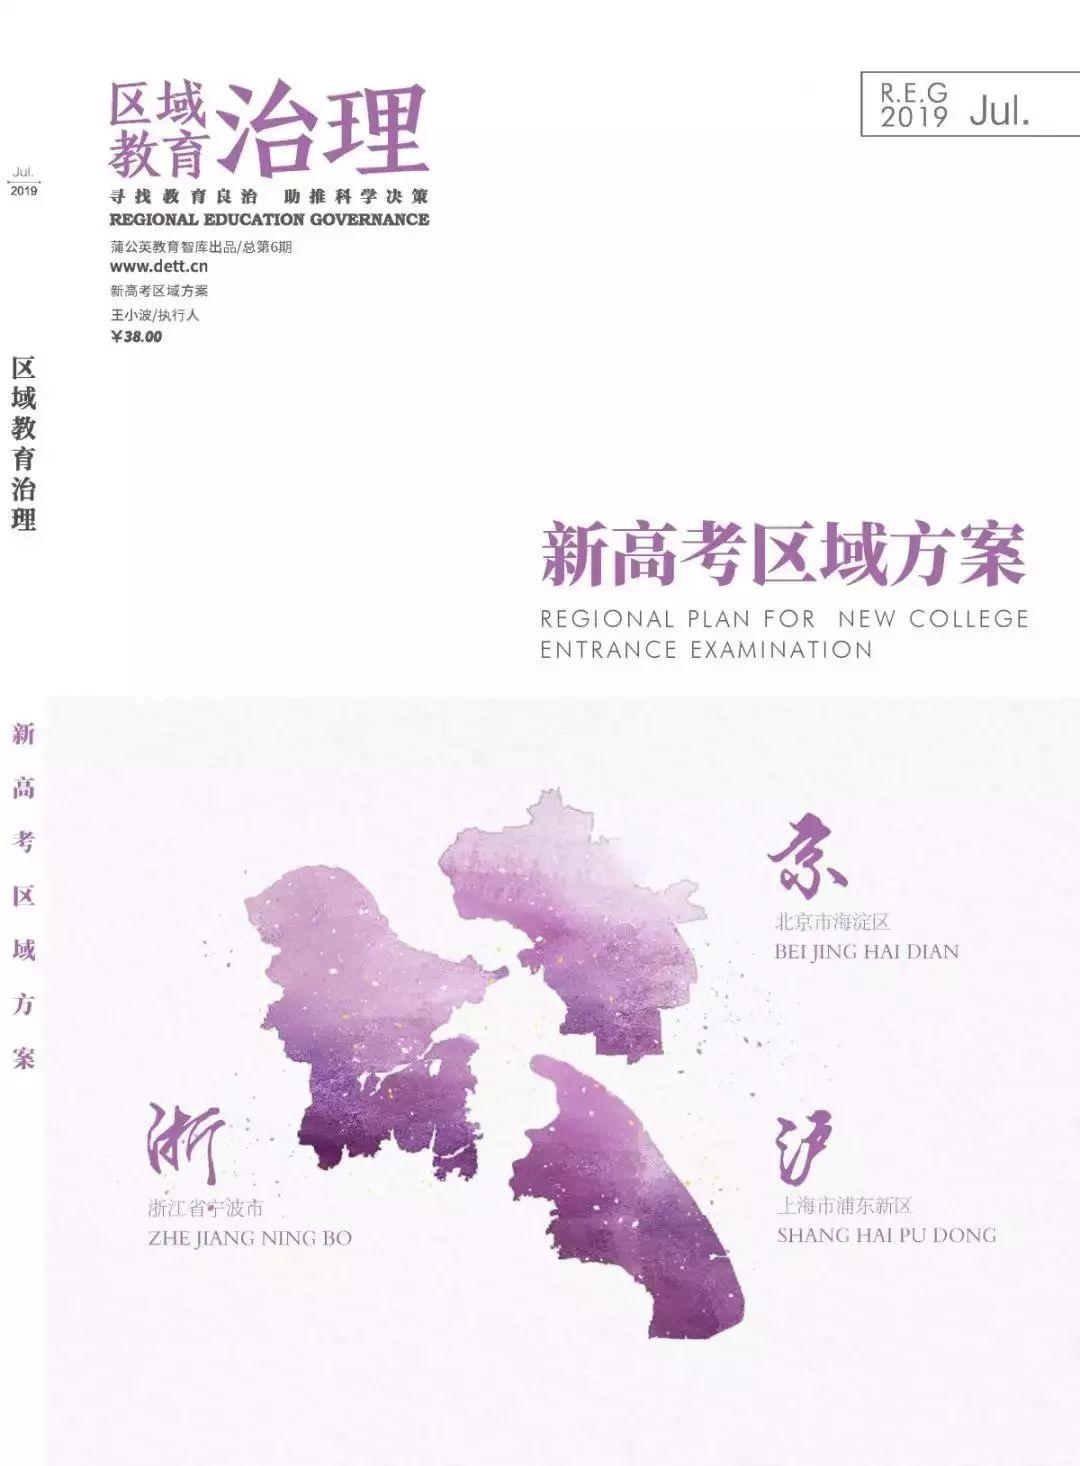 倪闽景:区域主动作为是高考综合改革取得成功的关键